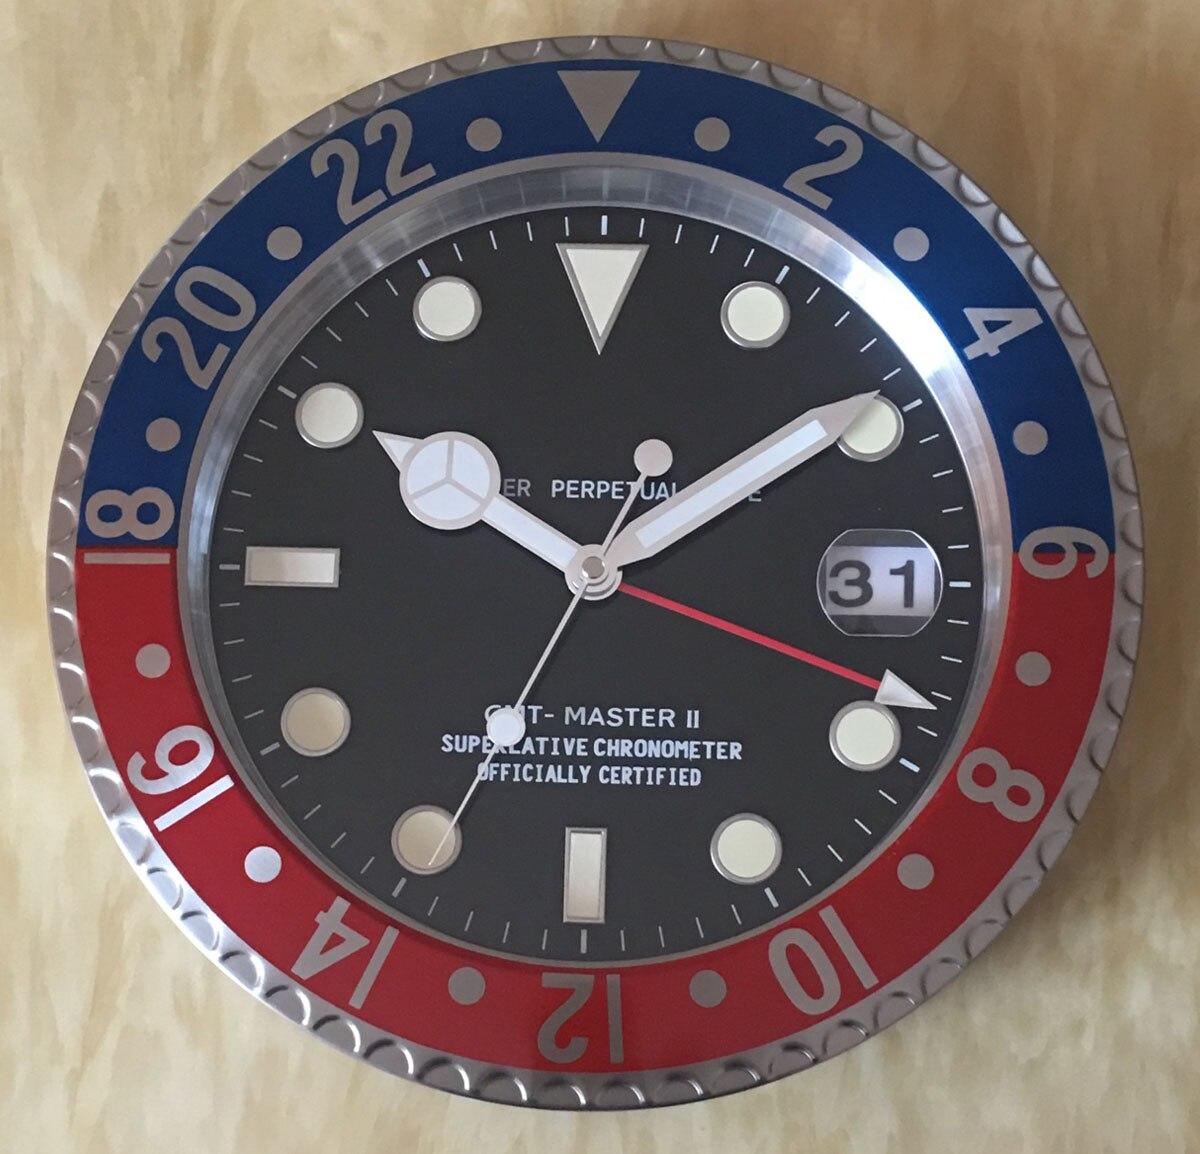 S & F Met Vergrootglas Retail Metalen Horloge Vorm Wandklok met Kalender Luxe Klok op De Muur - 2